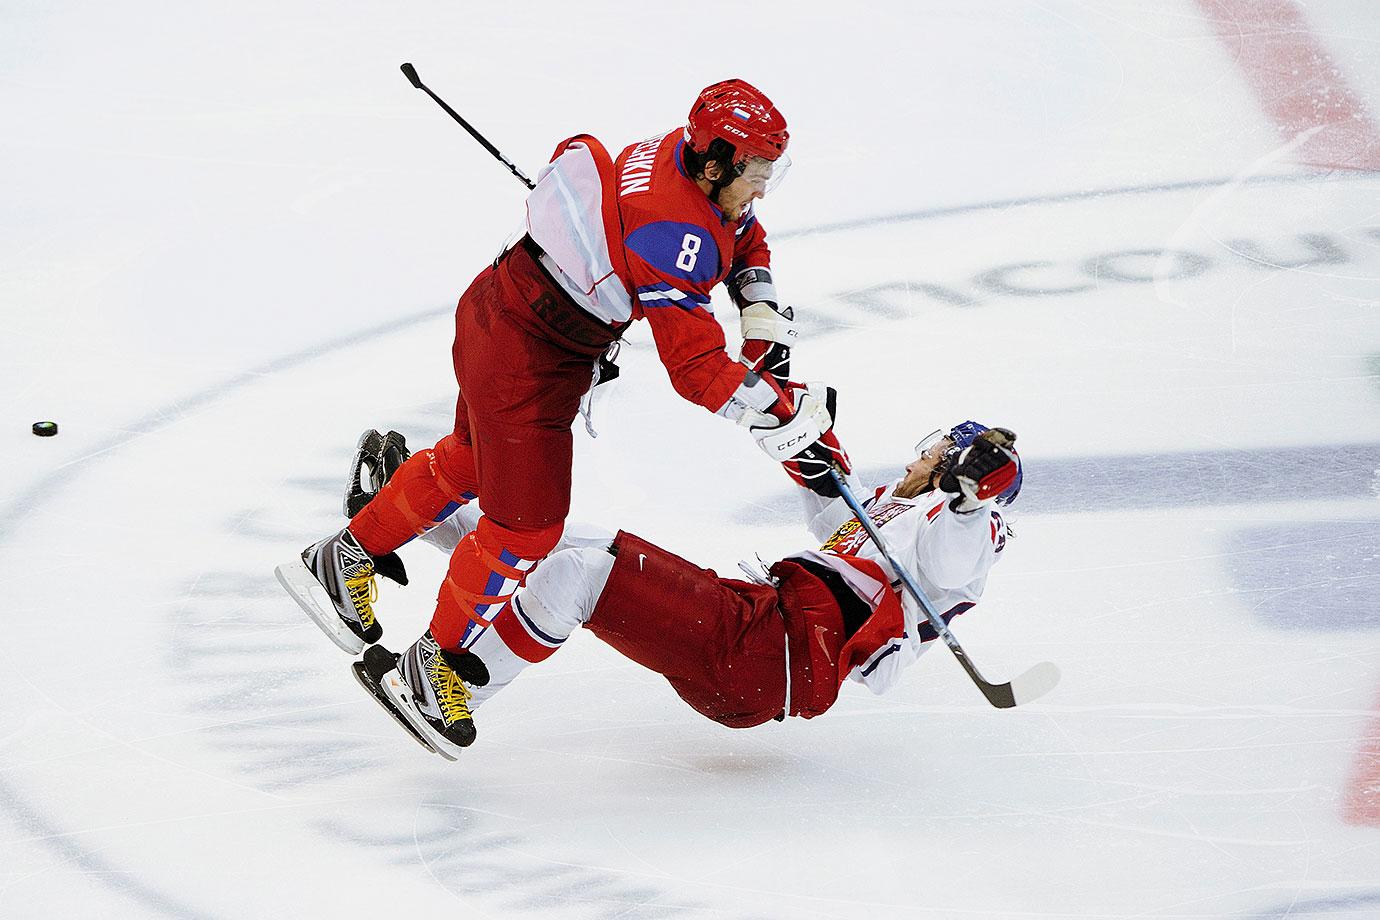 February 21, 2010 — Winter Olympics